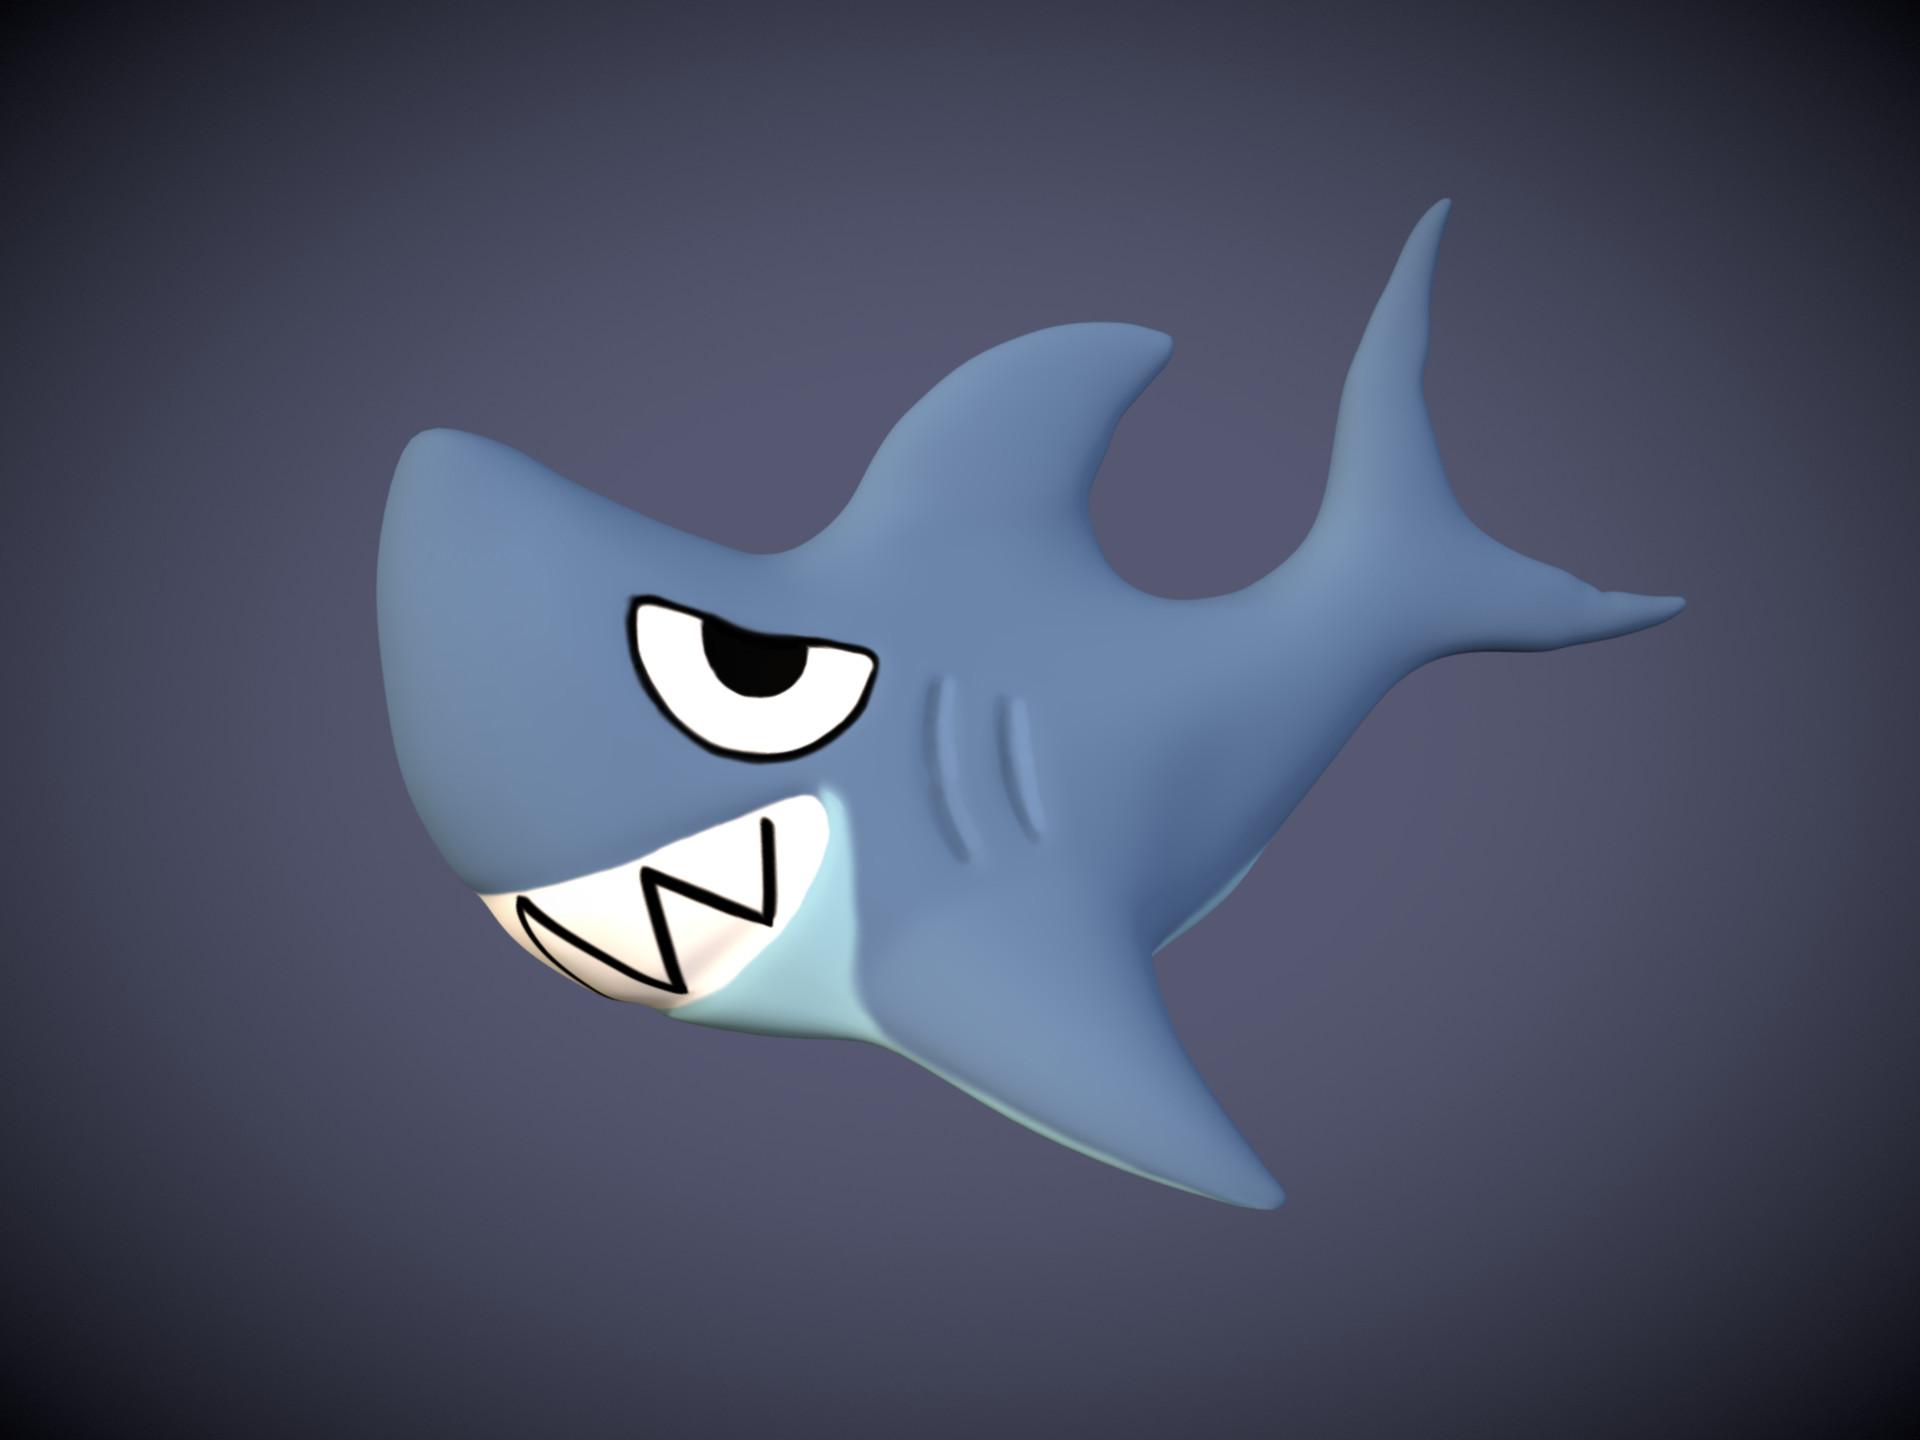 Matias garate toon shark